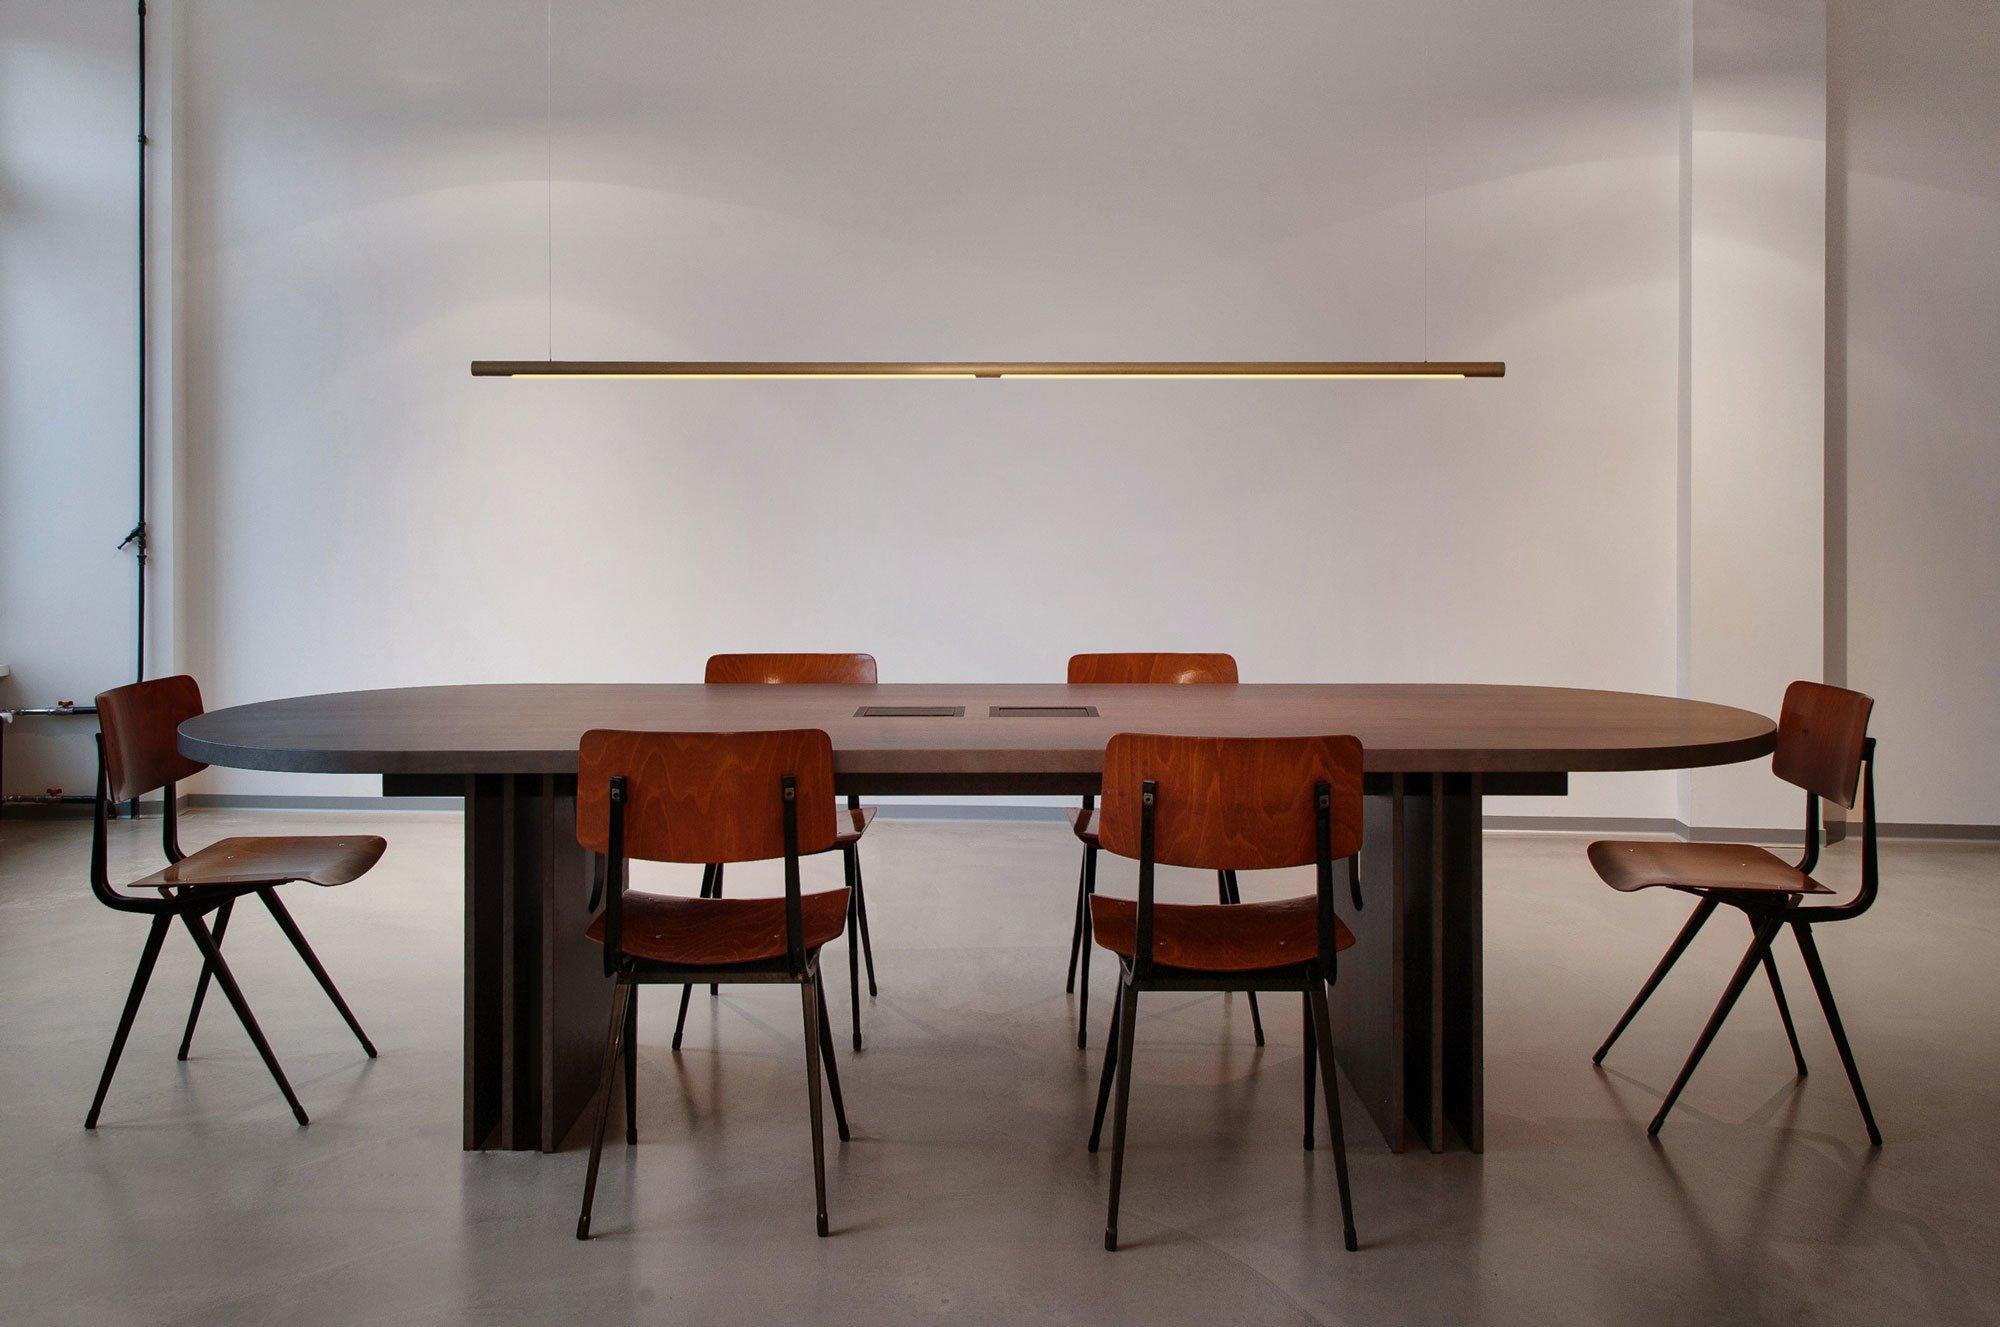 Für das Restaurant Baldon entwarf Douman Pour die gleichnamige Hängeleuchte Baldon. Foto: ©Pournoir